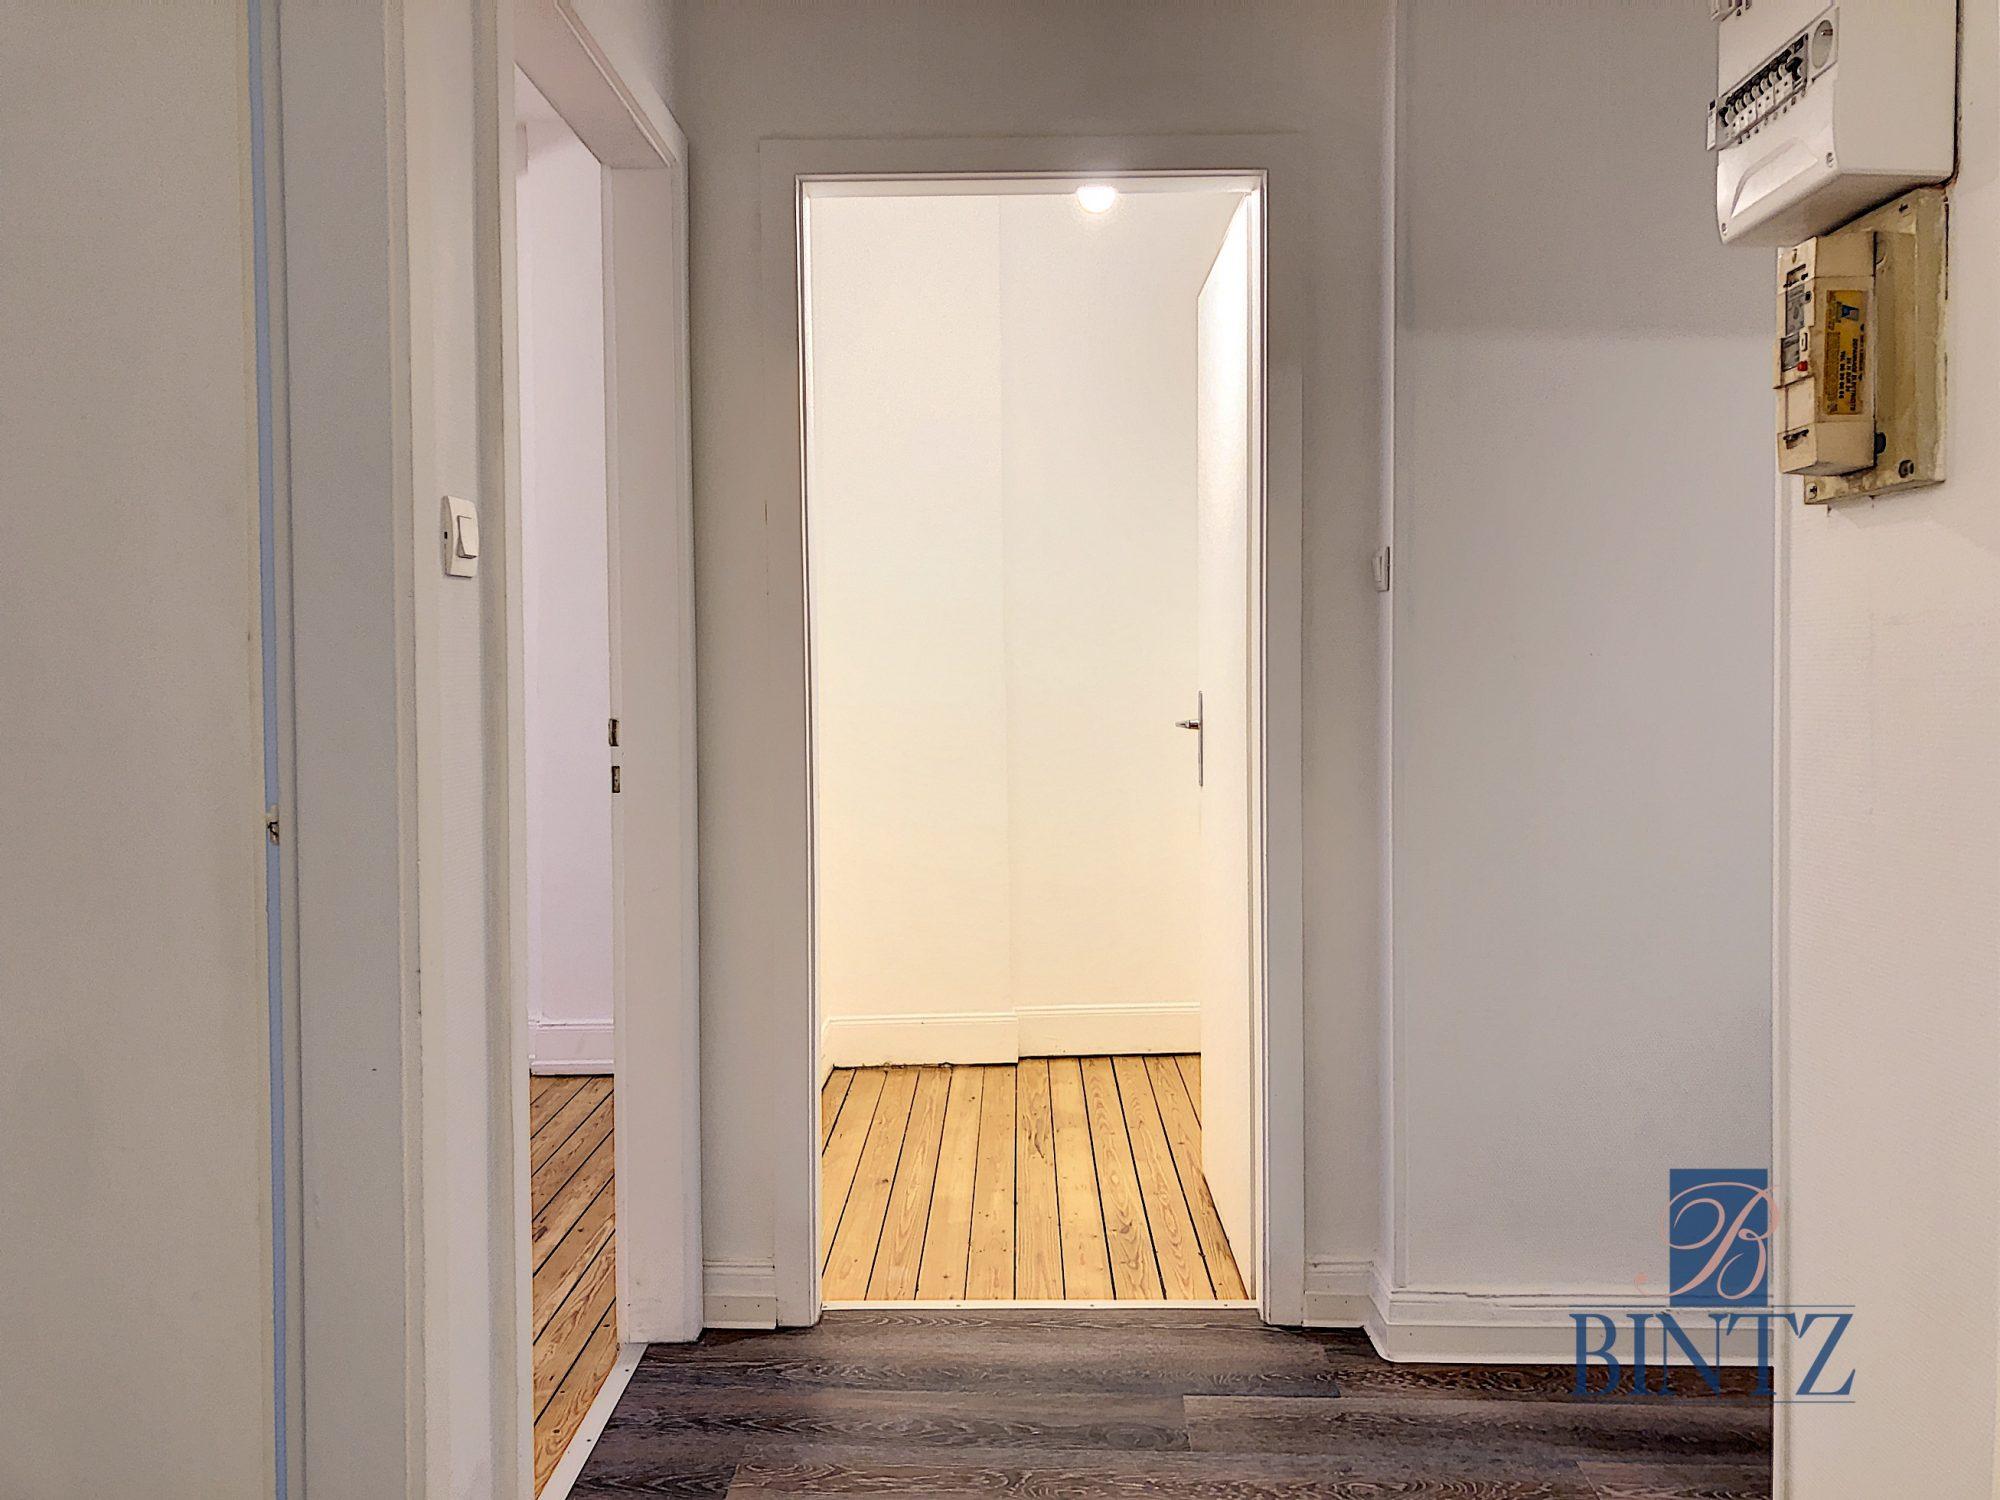 4 PIECES EN DUPLEX KRUTENAU - Devenez locataire en toute sérénité - Bintz Immobilier - 7